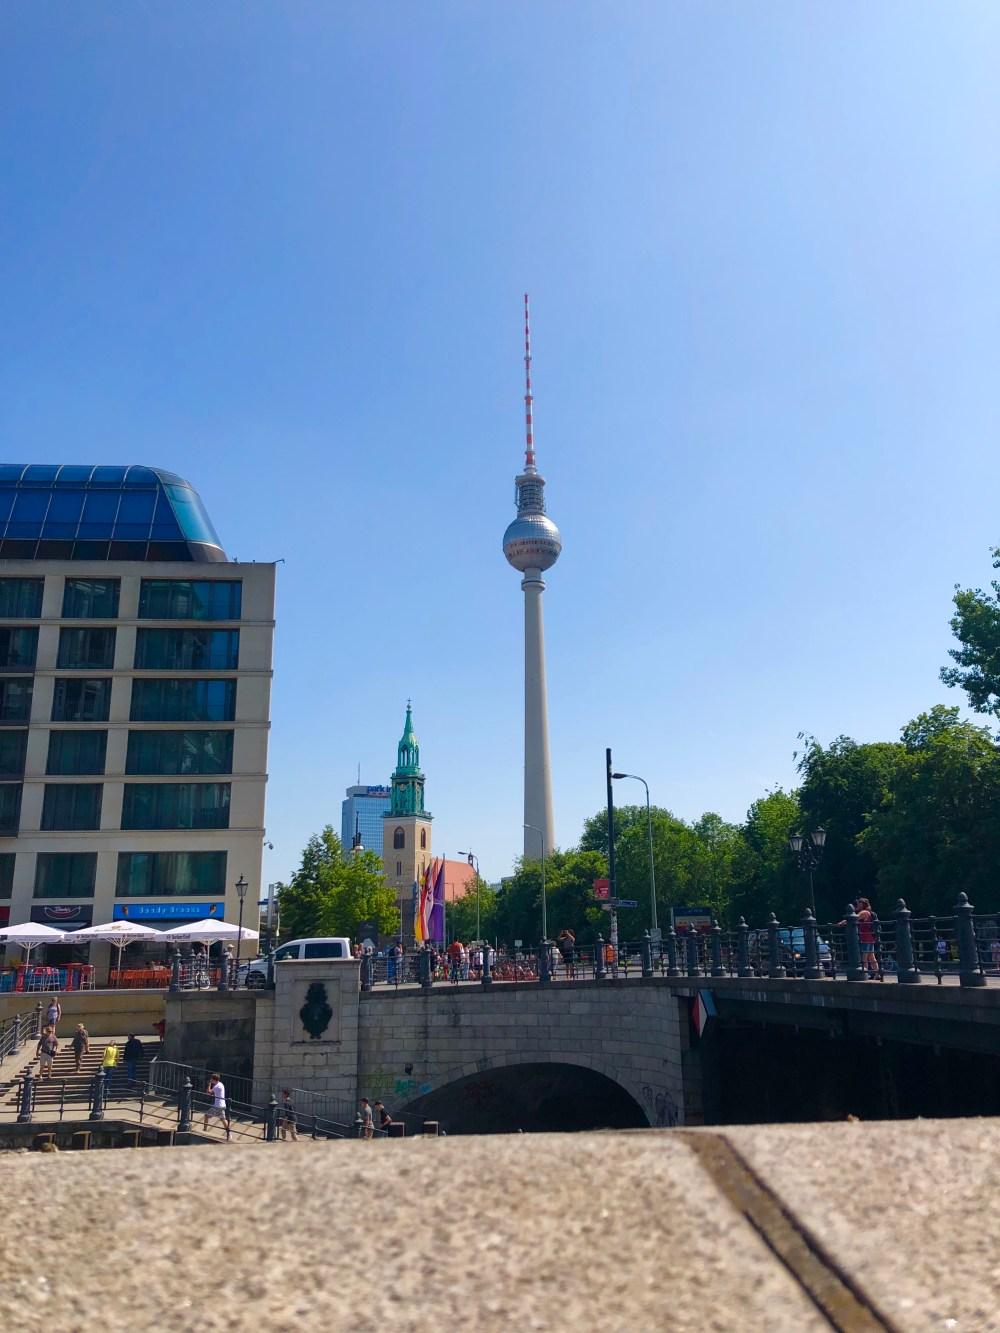 Berliner Fernsehturm von einer Brücke aus